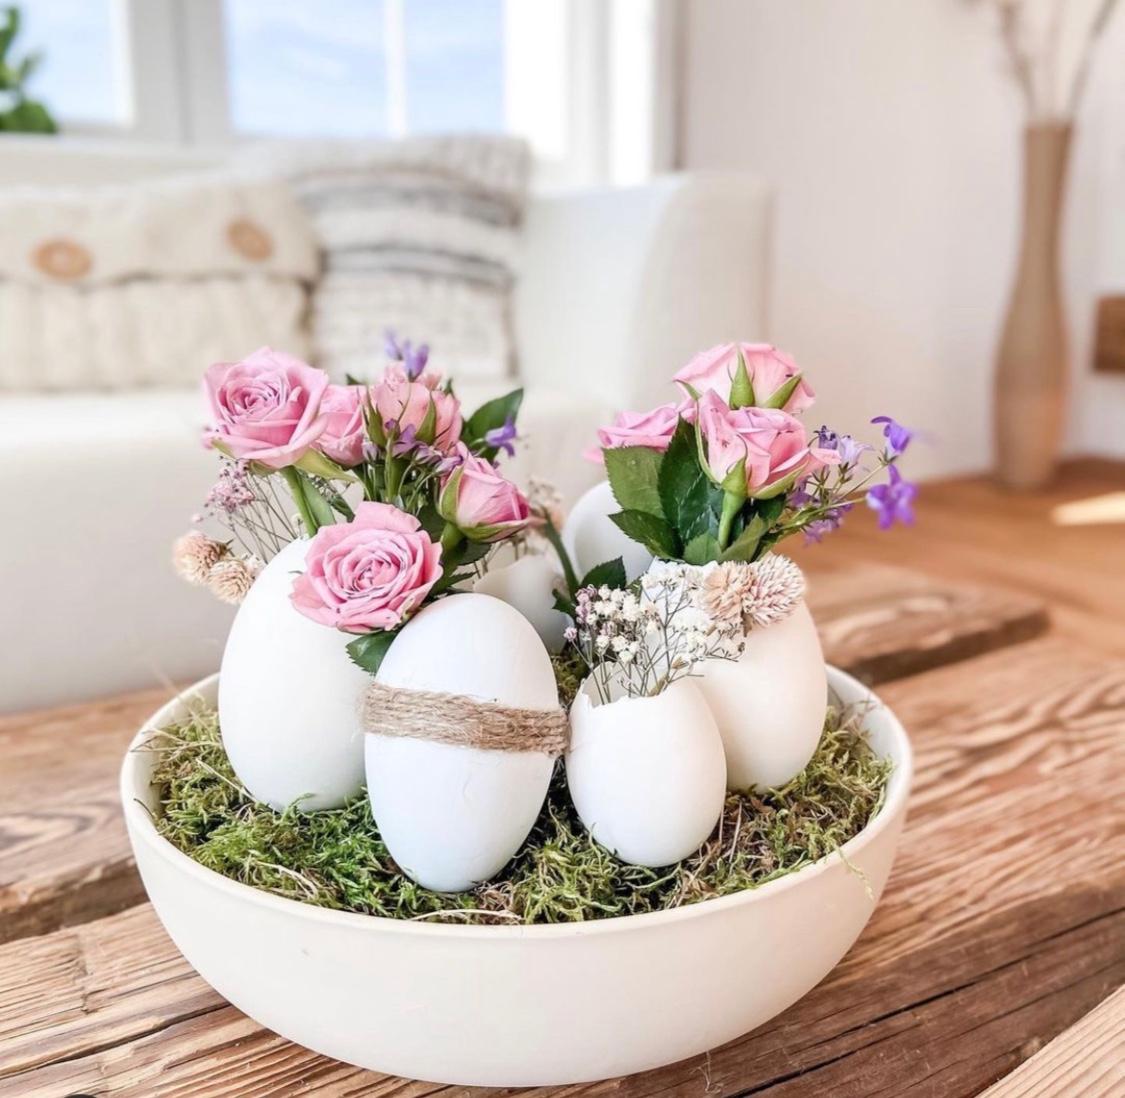 Svátky jara klepou na dveře: Udělejte si velikonoční výzdobu trochu jinak!